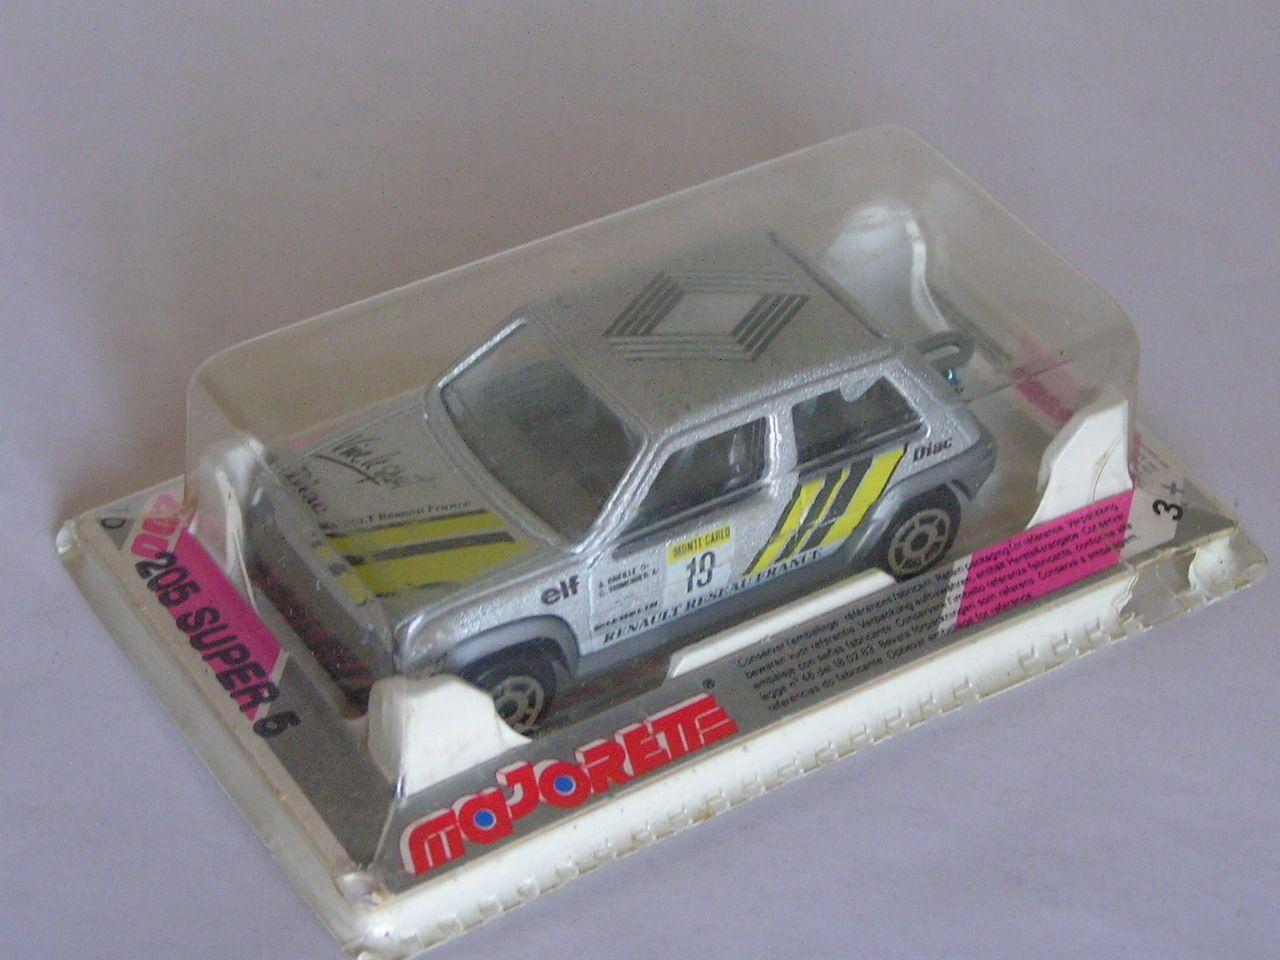 Turbo Monté Voiture 5 Super Miniatures D'enfance CarloMajorette c5RL4S3Ajq